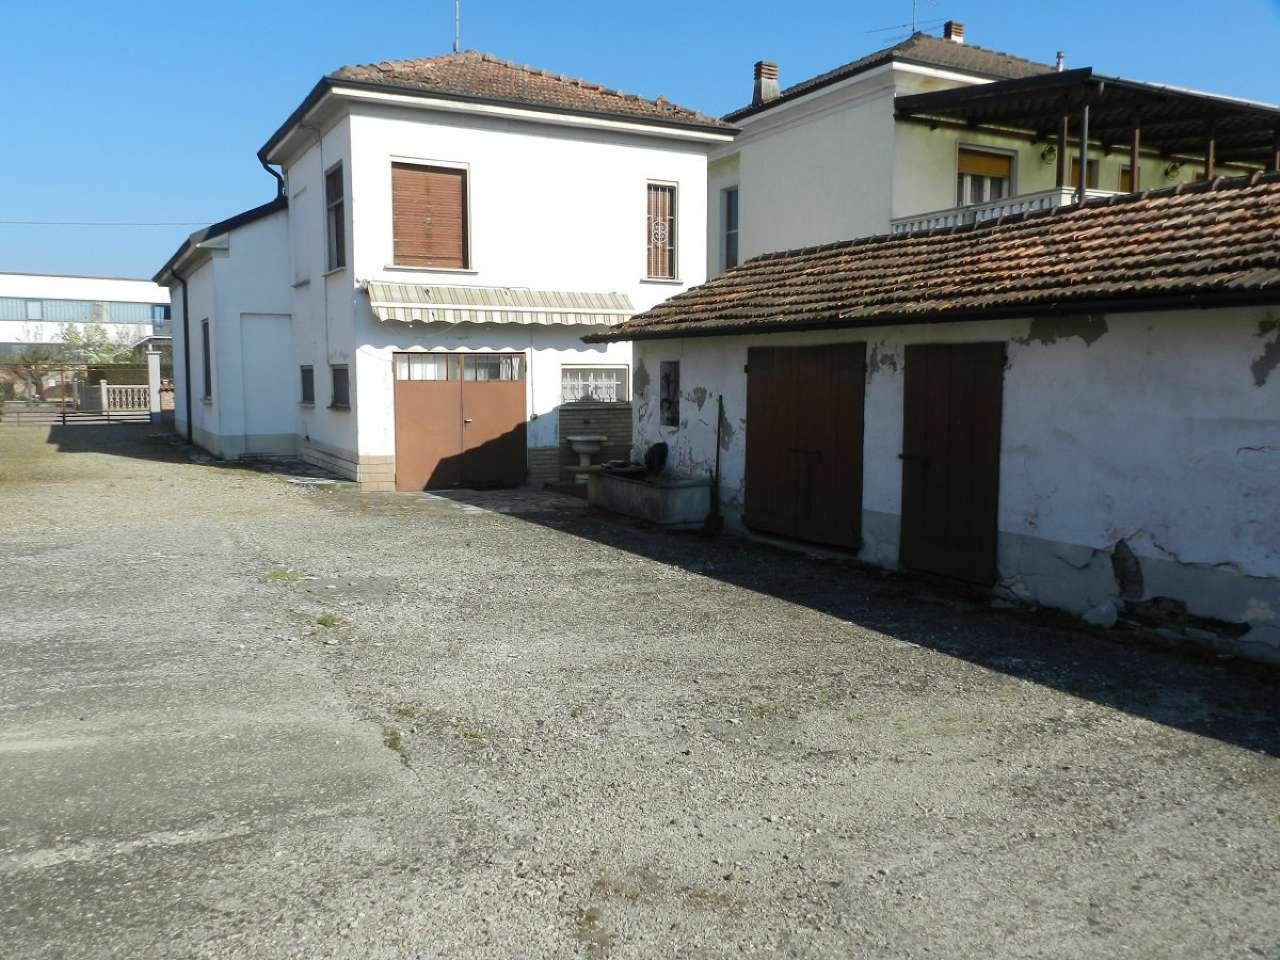 Soluzione Indipendente in vendita a Cava Manara, 4 locali, prezzo € 110.000 | Cambio Casa.it